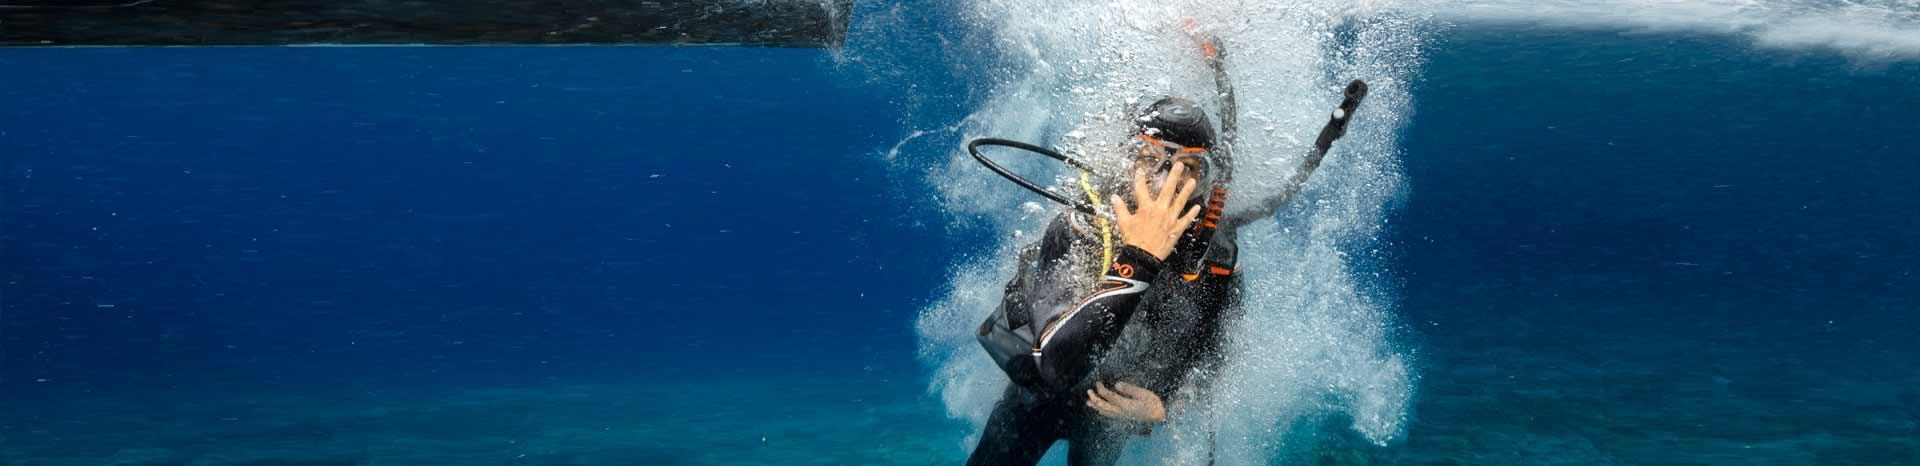 cours de plongée PADI phuket